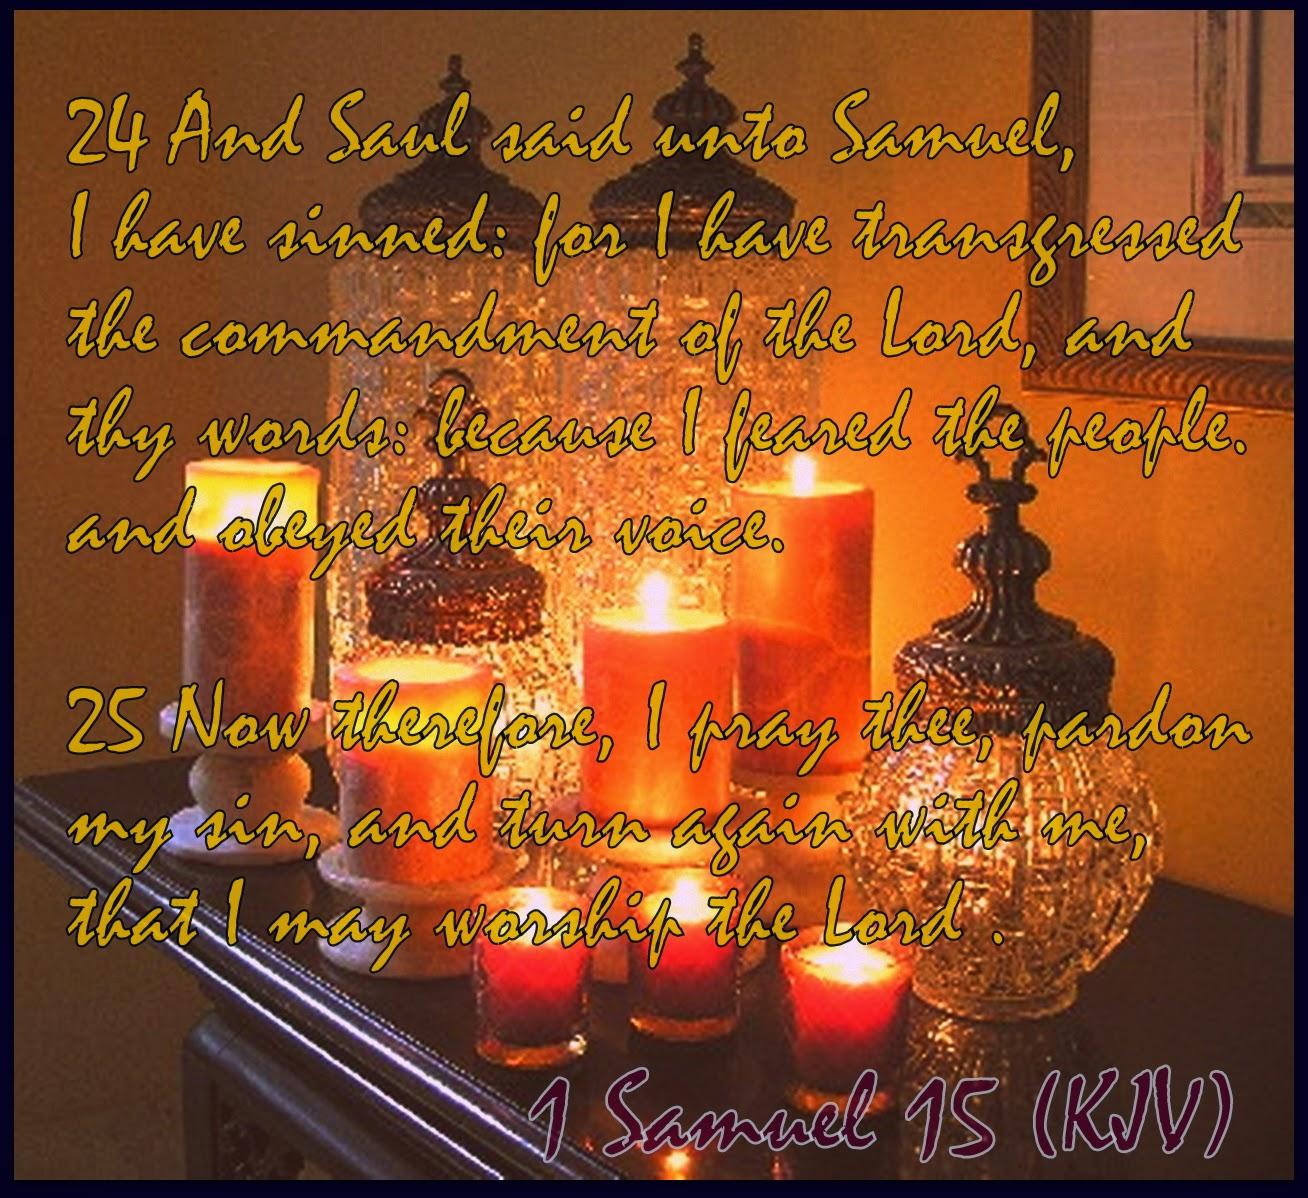 Red Pill Diaries: 1 Samuel 15 (KJV)